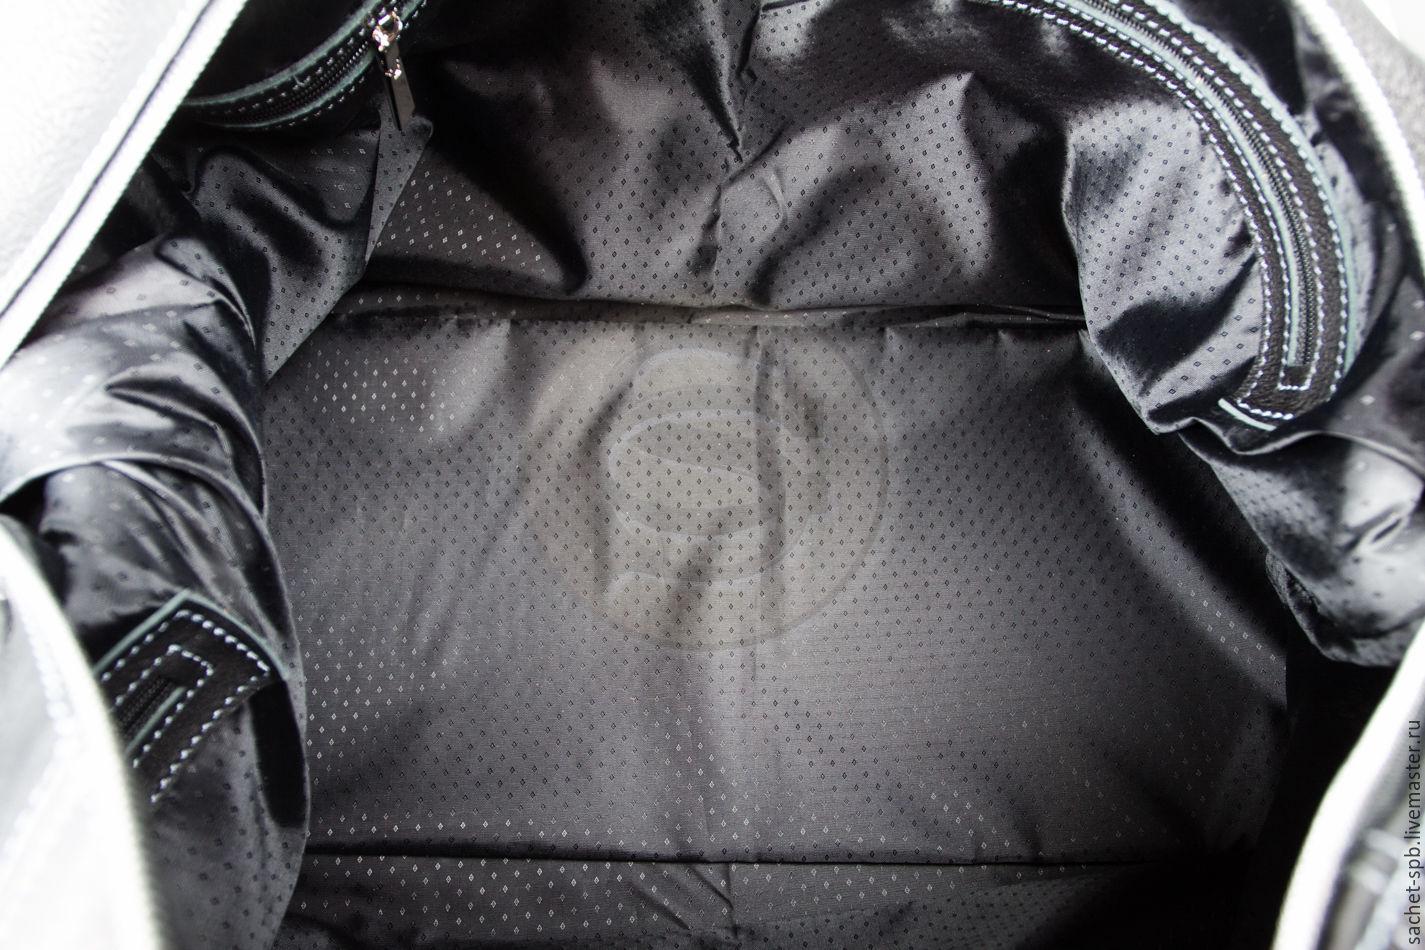 eeeb04263fc1 Кожинка-САШЕ (sachet Мужские сумки ручной работы. Кожаная дорожная сумка  черная.